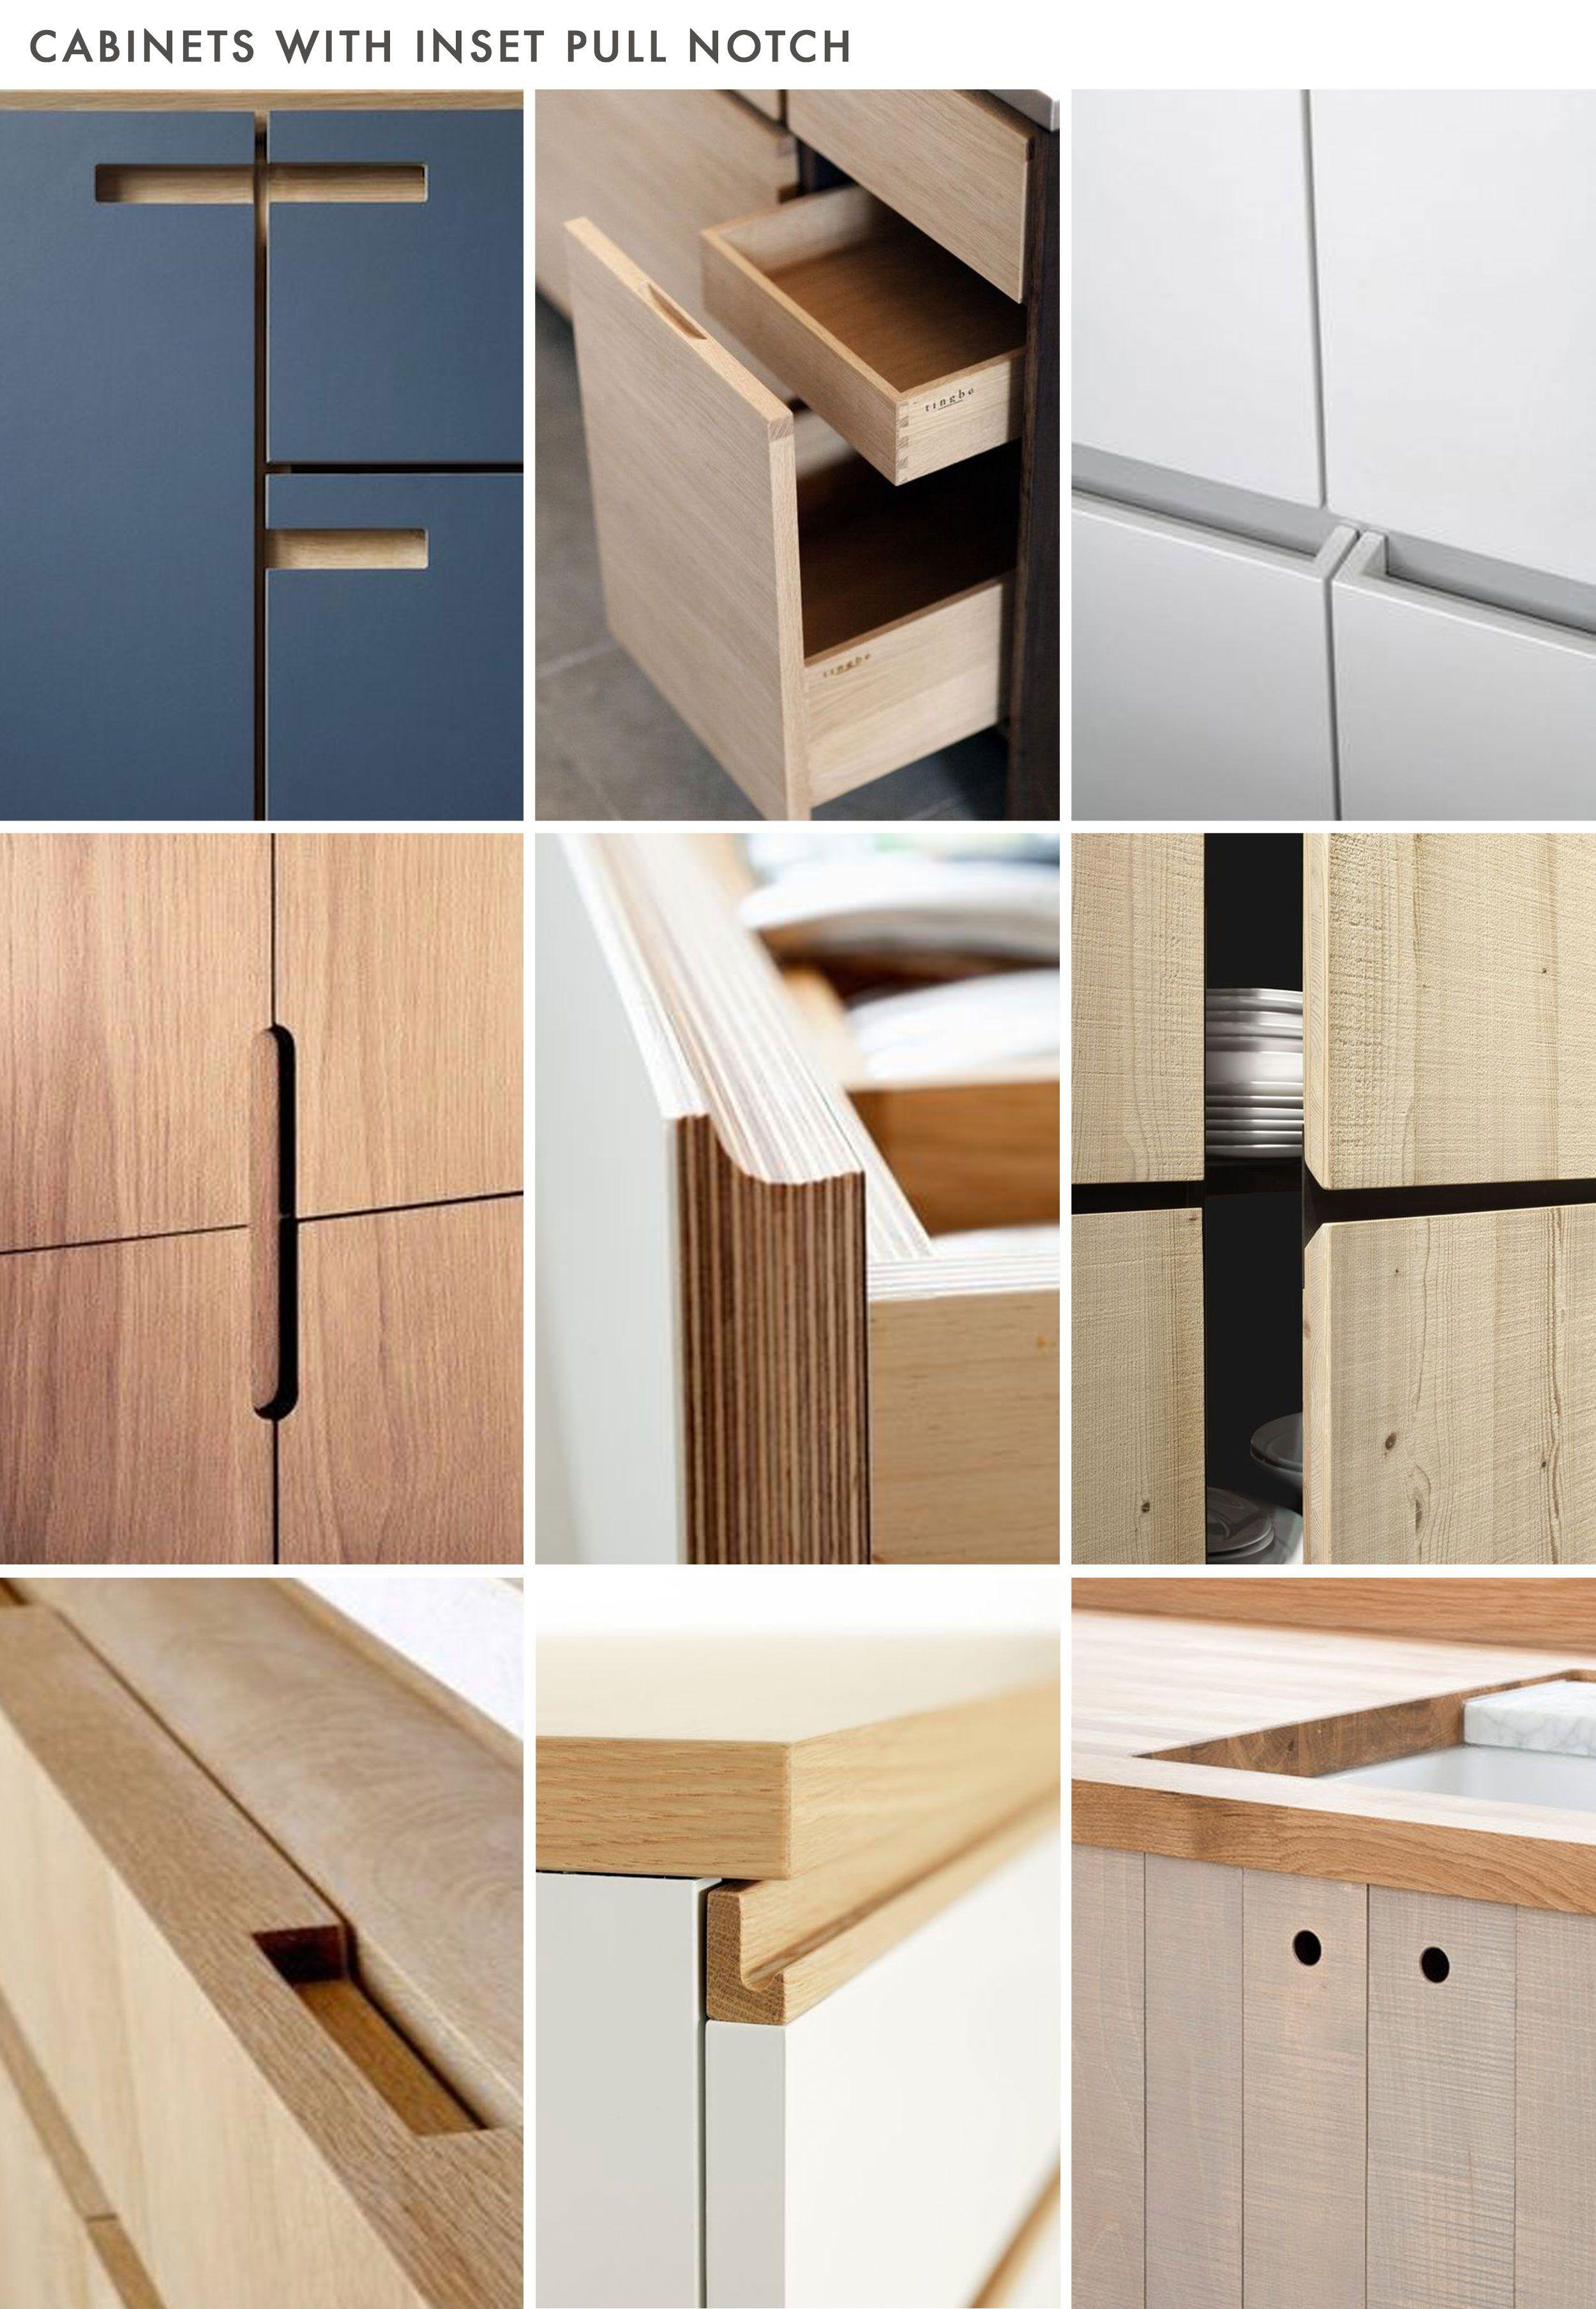 Is No Hardware The New Hardware Trend For Kitchens Modern Kitchen Interiors Best Kitchen Designs Plywood Kitchen